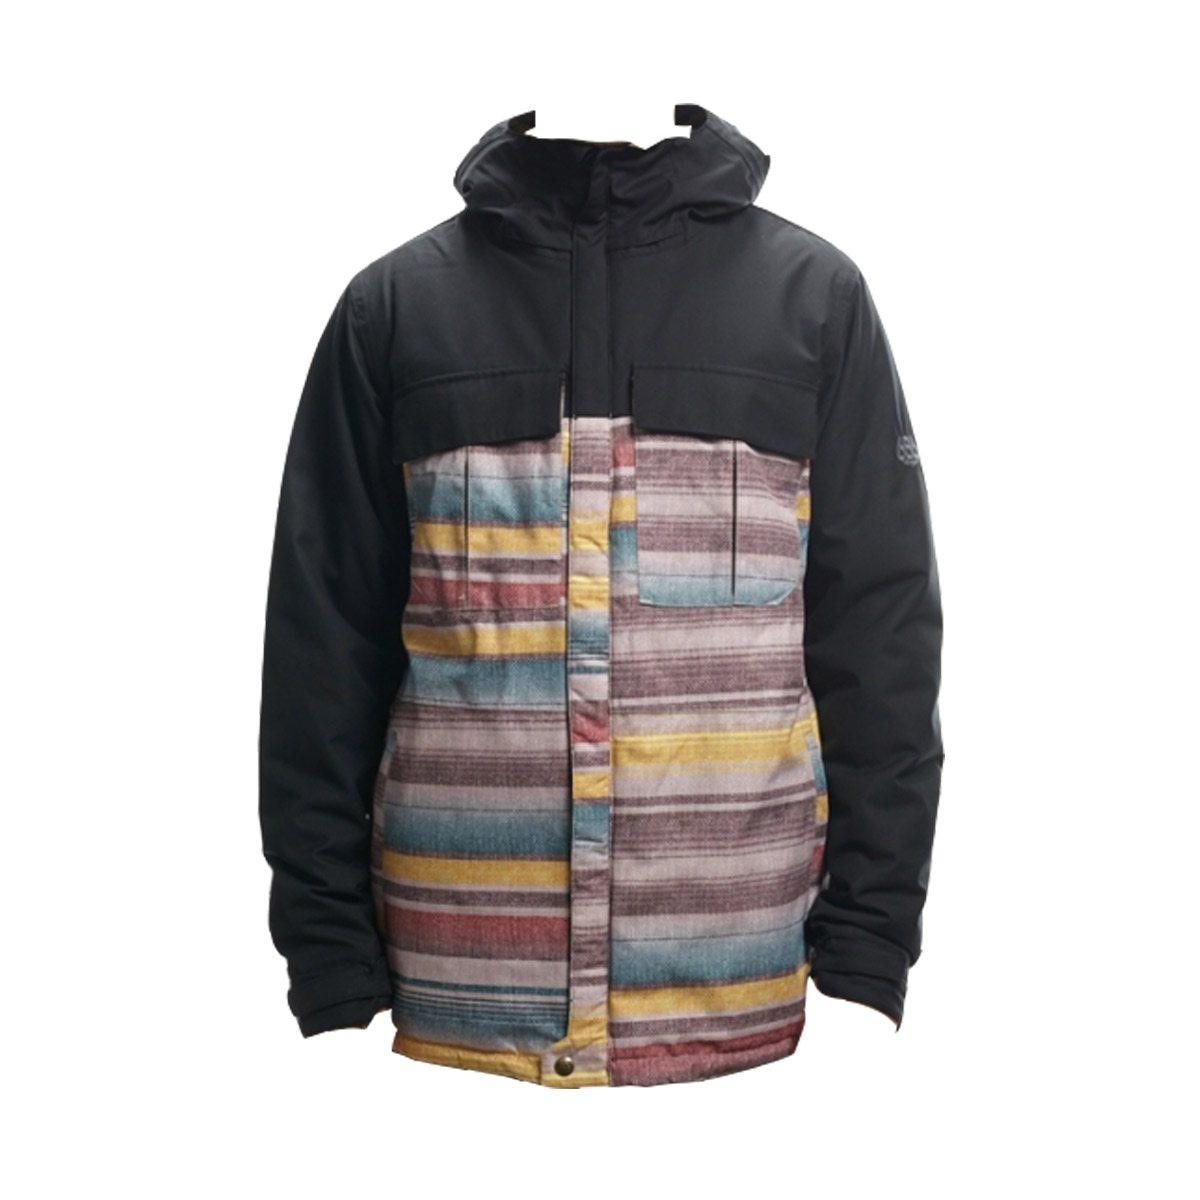 Куртки сноубордические 686 Moniker Blanket 2017